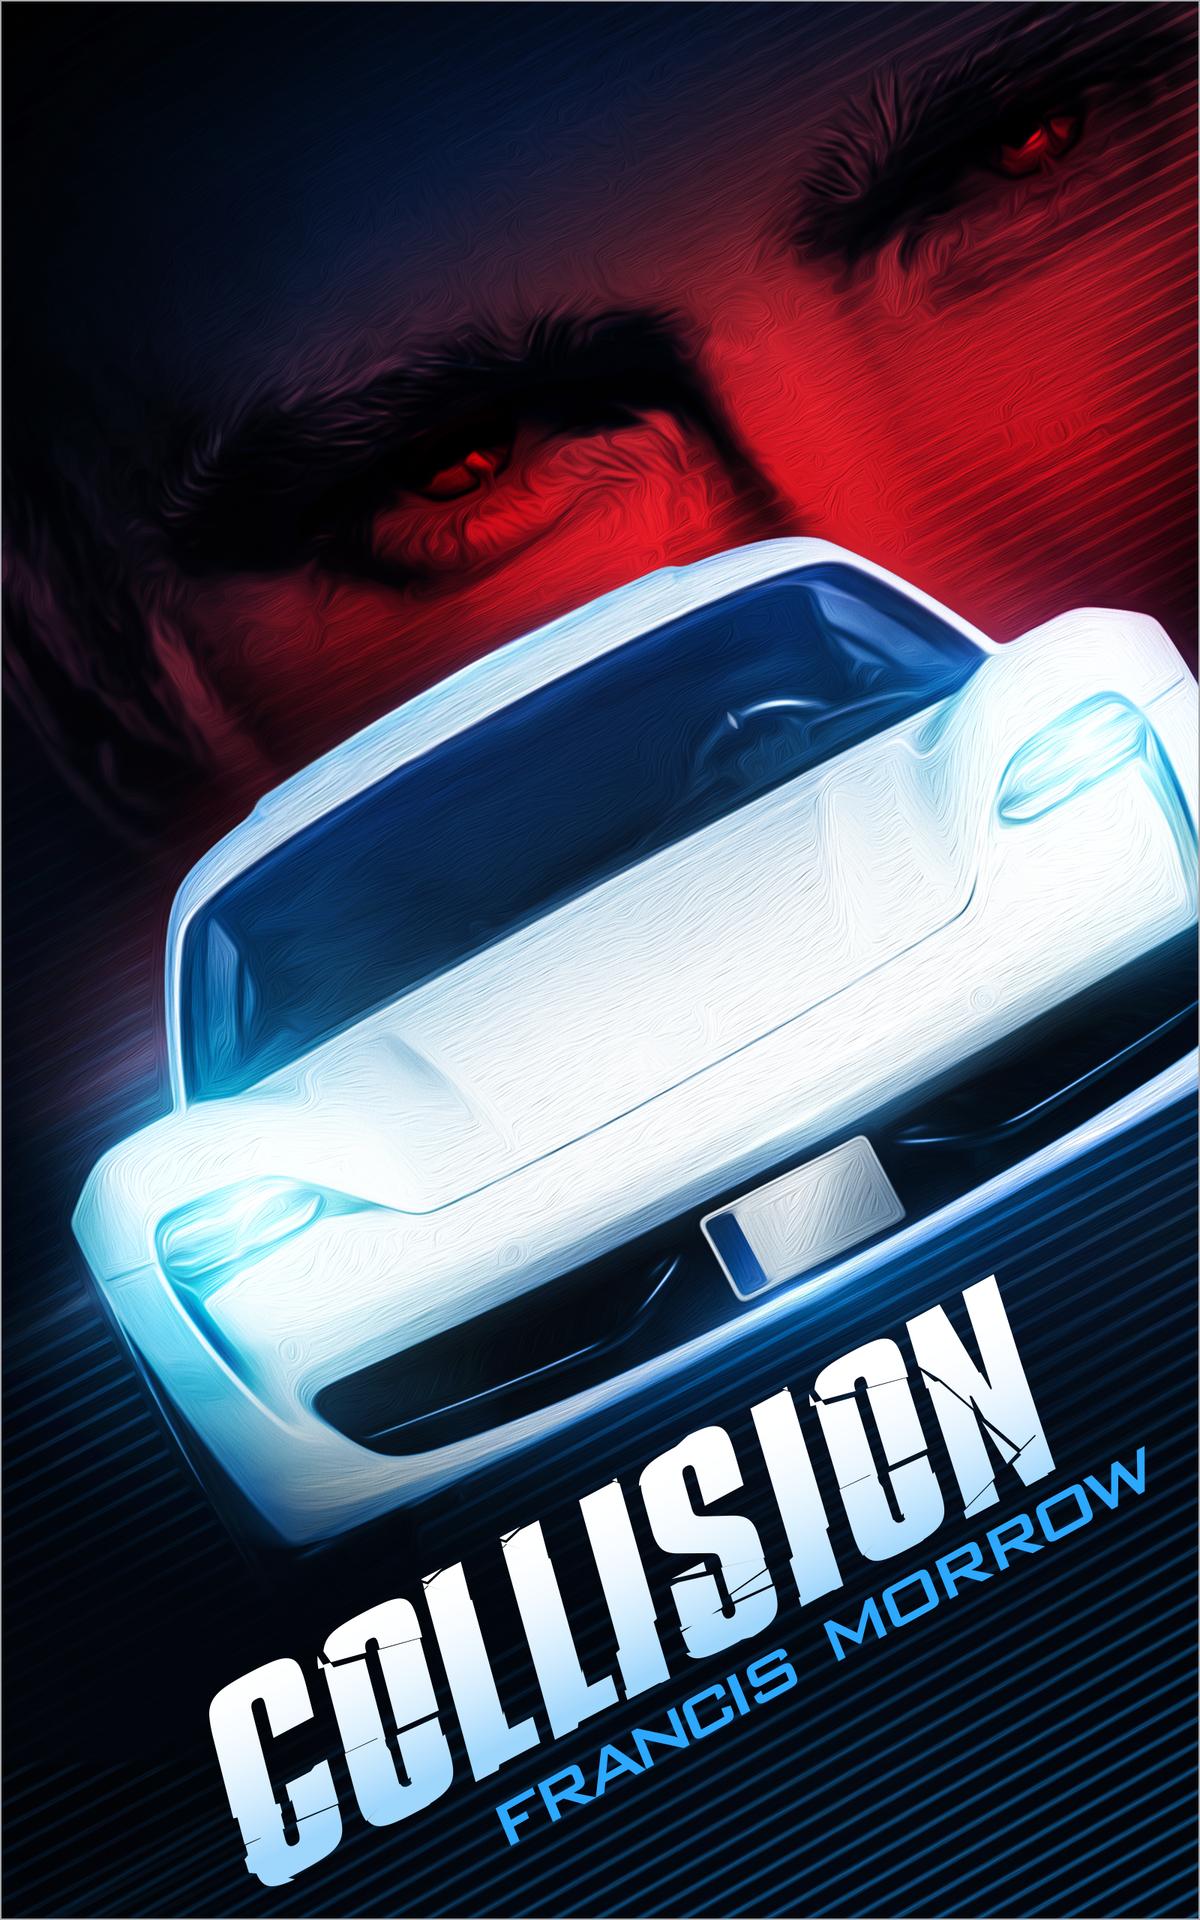 Cover design for near future sci-fi thriller